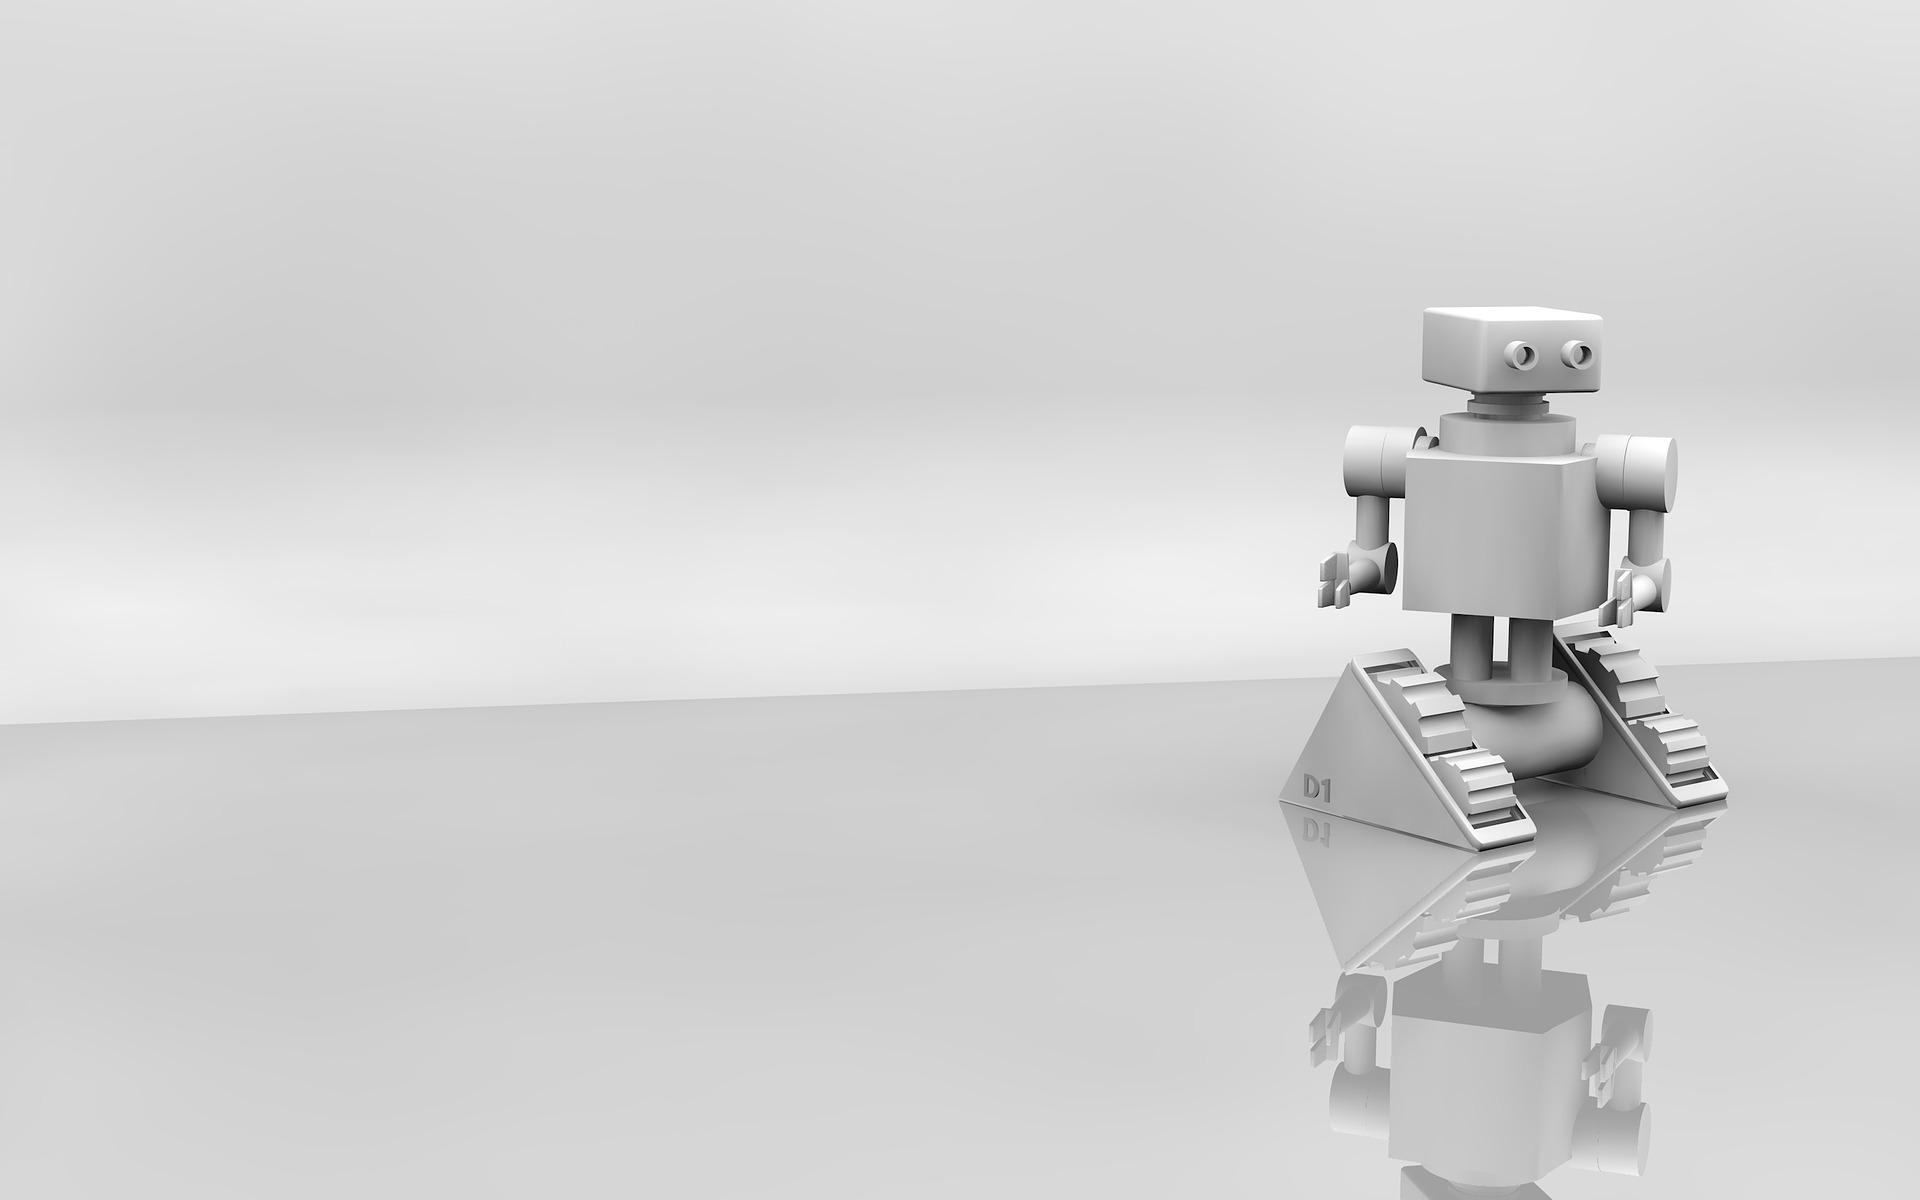 의료산업 디지털 마케팅 결론 - 로봇